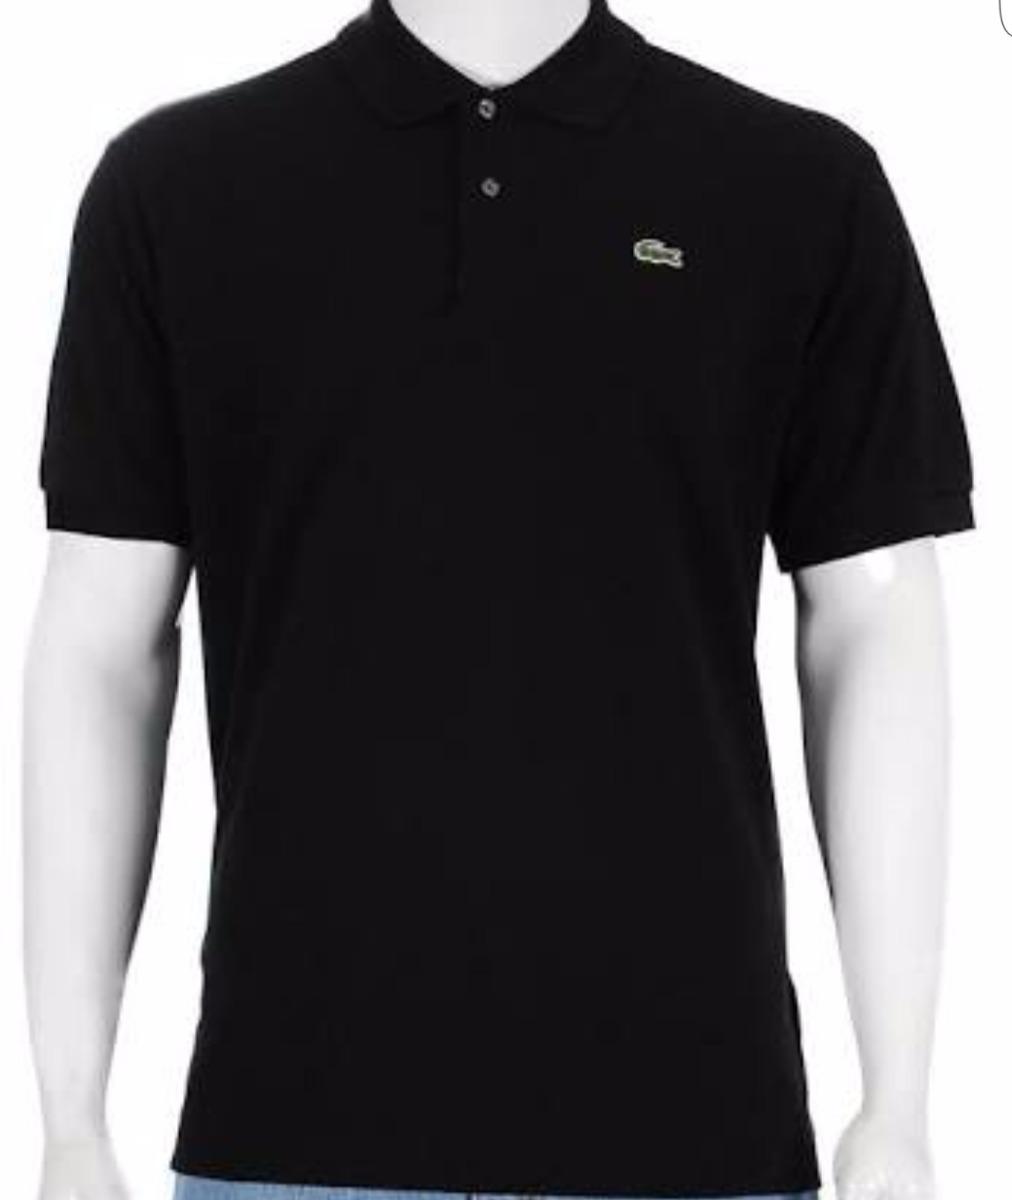 ce44137ab89 camisa polo lacoste preta masculina - original. Carregando zoom.